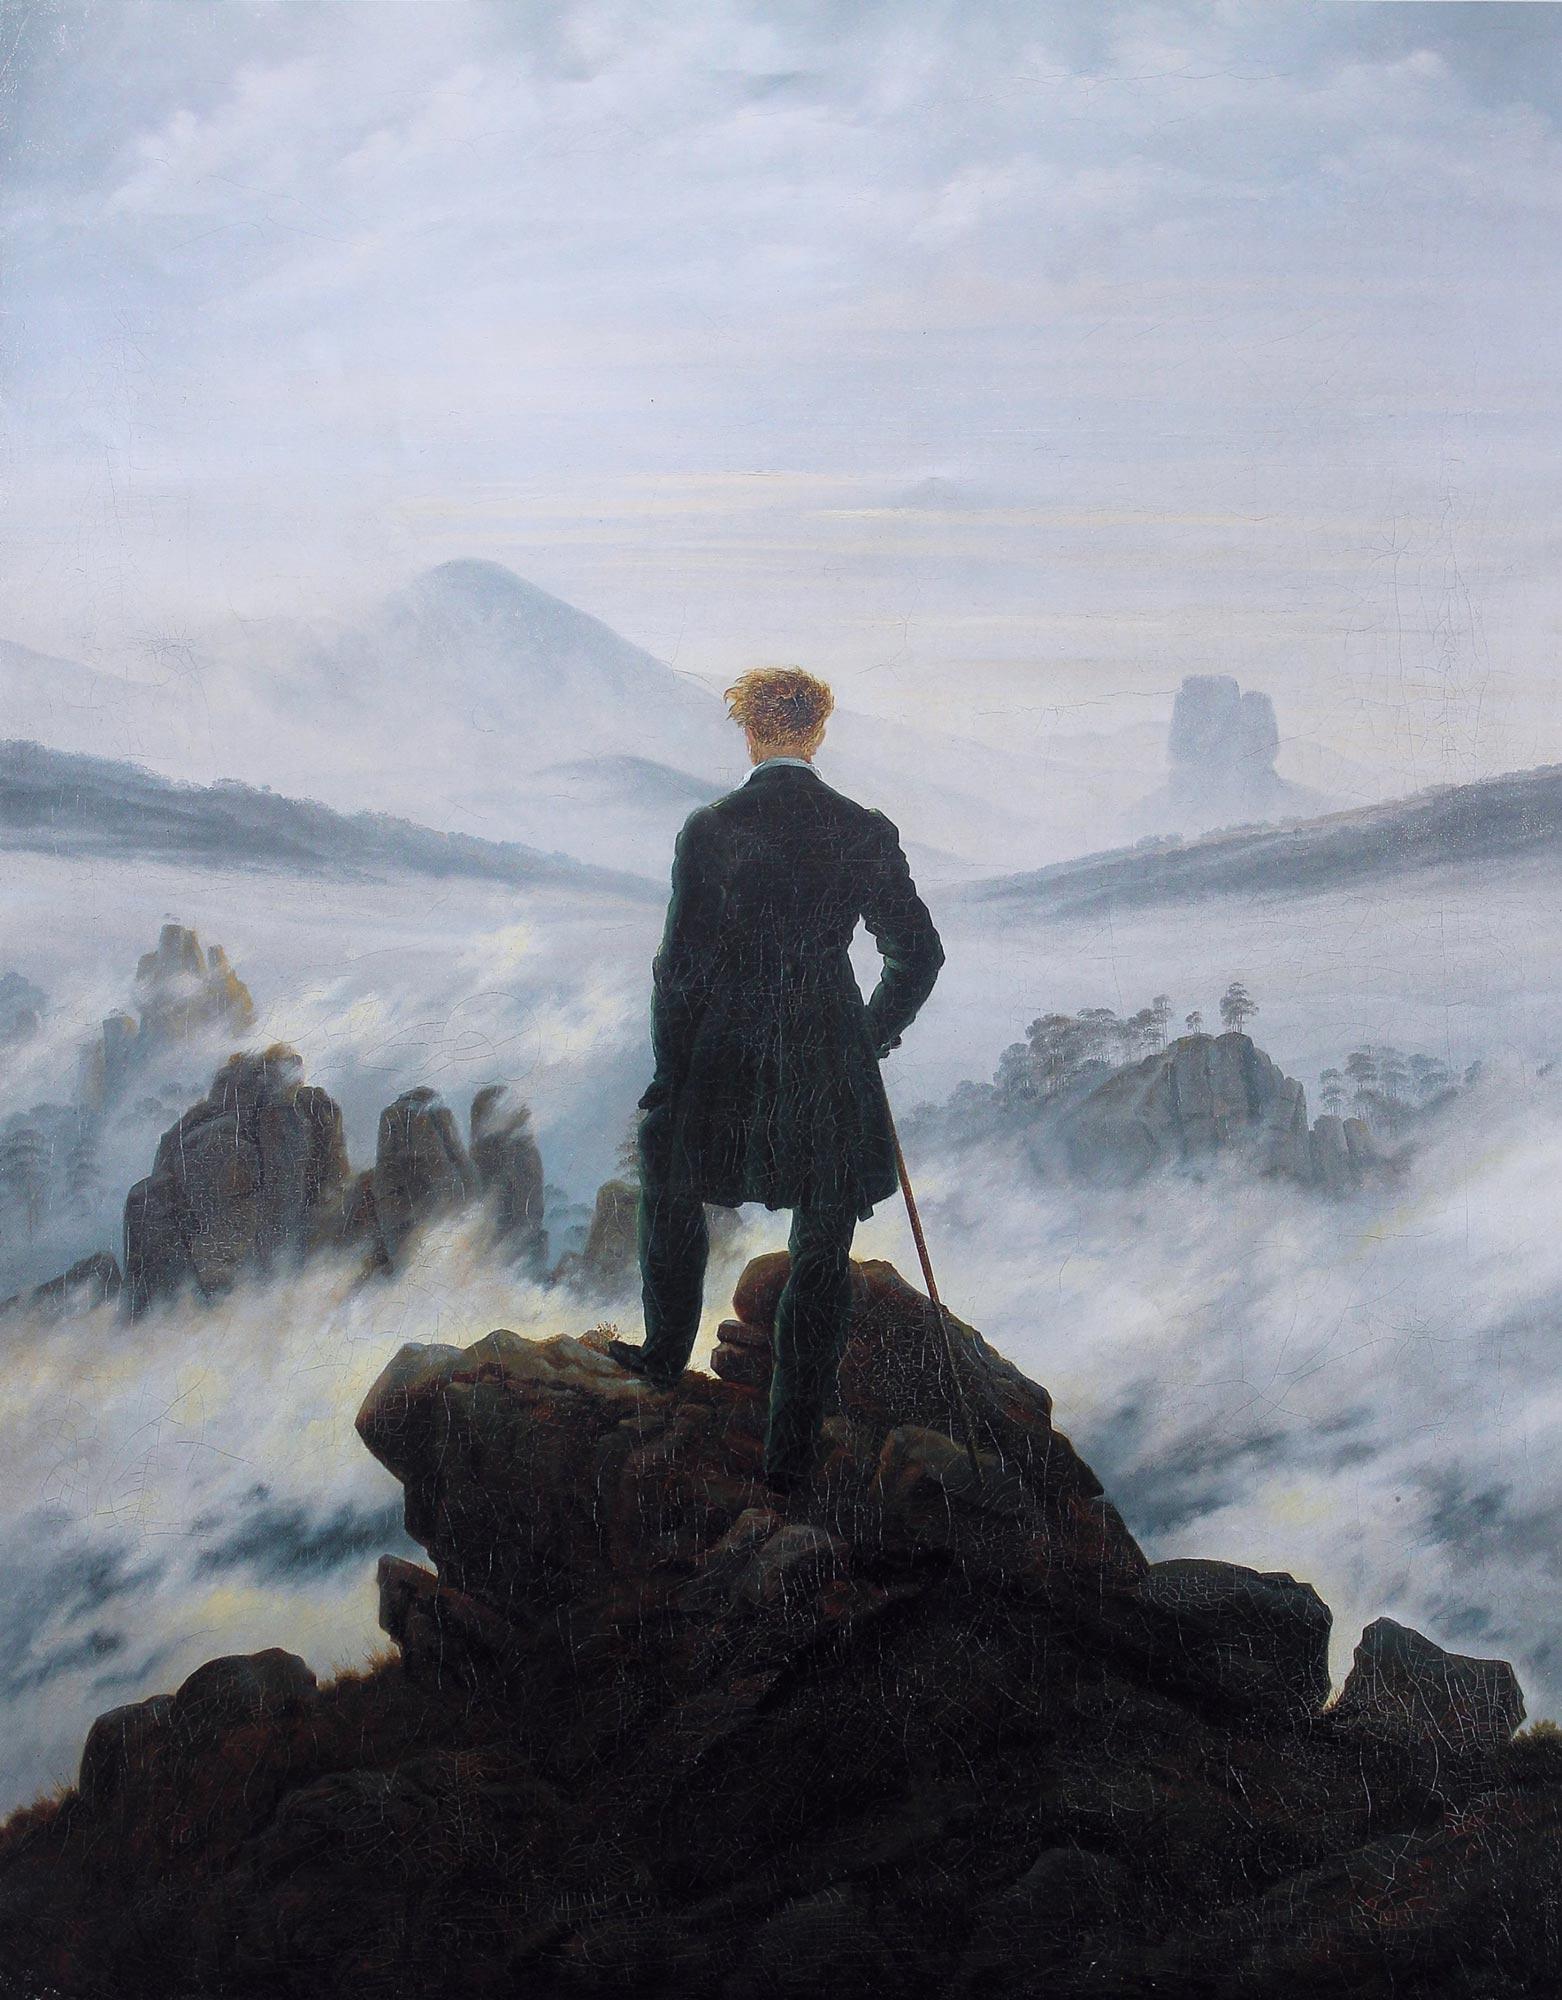 caspar david friedrich   wanderer above the sea of fog - <b>Жизнь соло.</b> Рассказываем, почему некоторые сознательно выбирают одиночество, а государству выгодны браки - Заборона